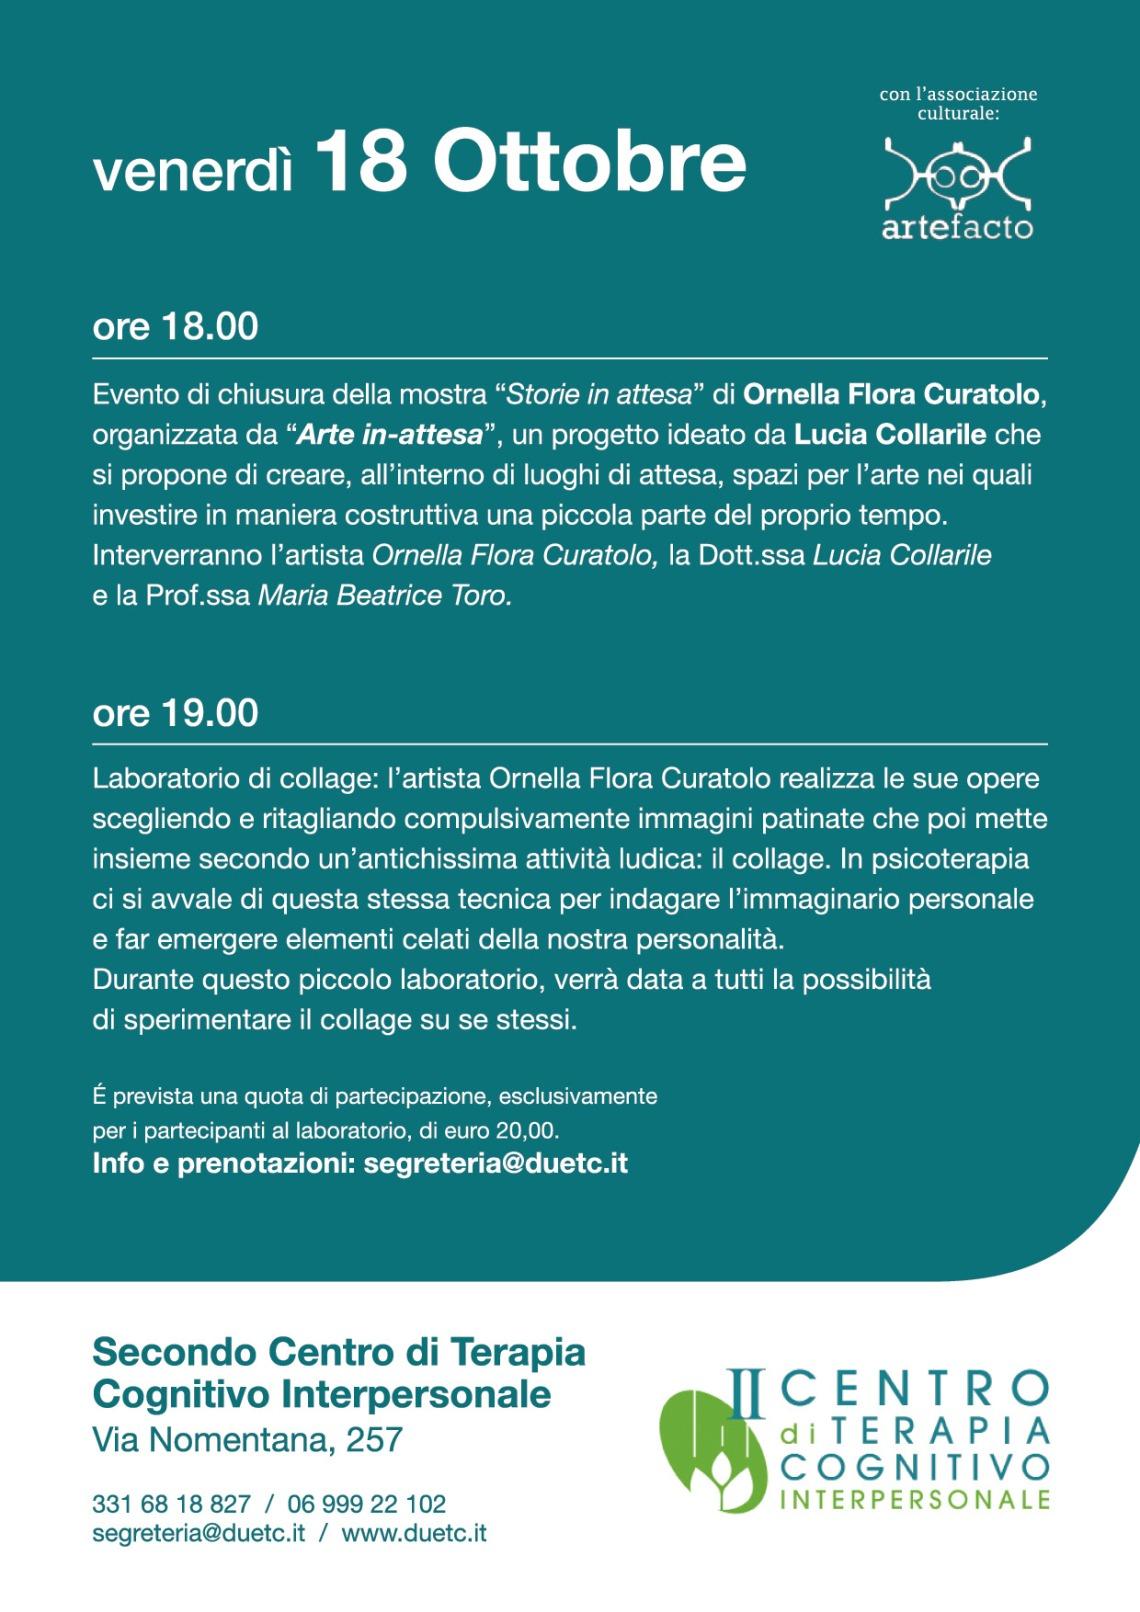 Locandina A4 DEF_per WEB2 (4)